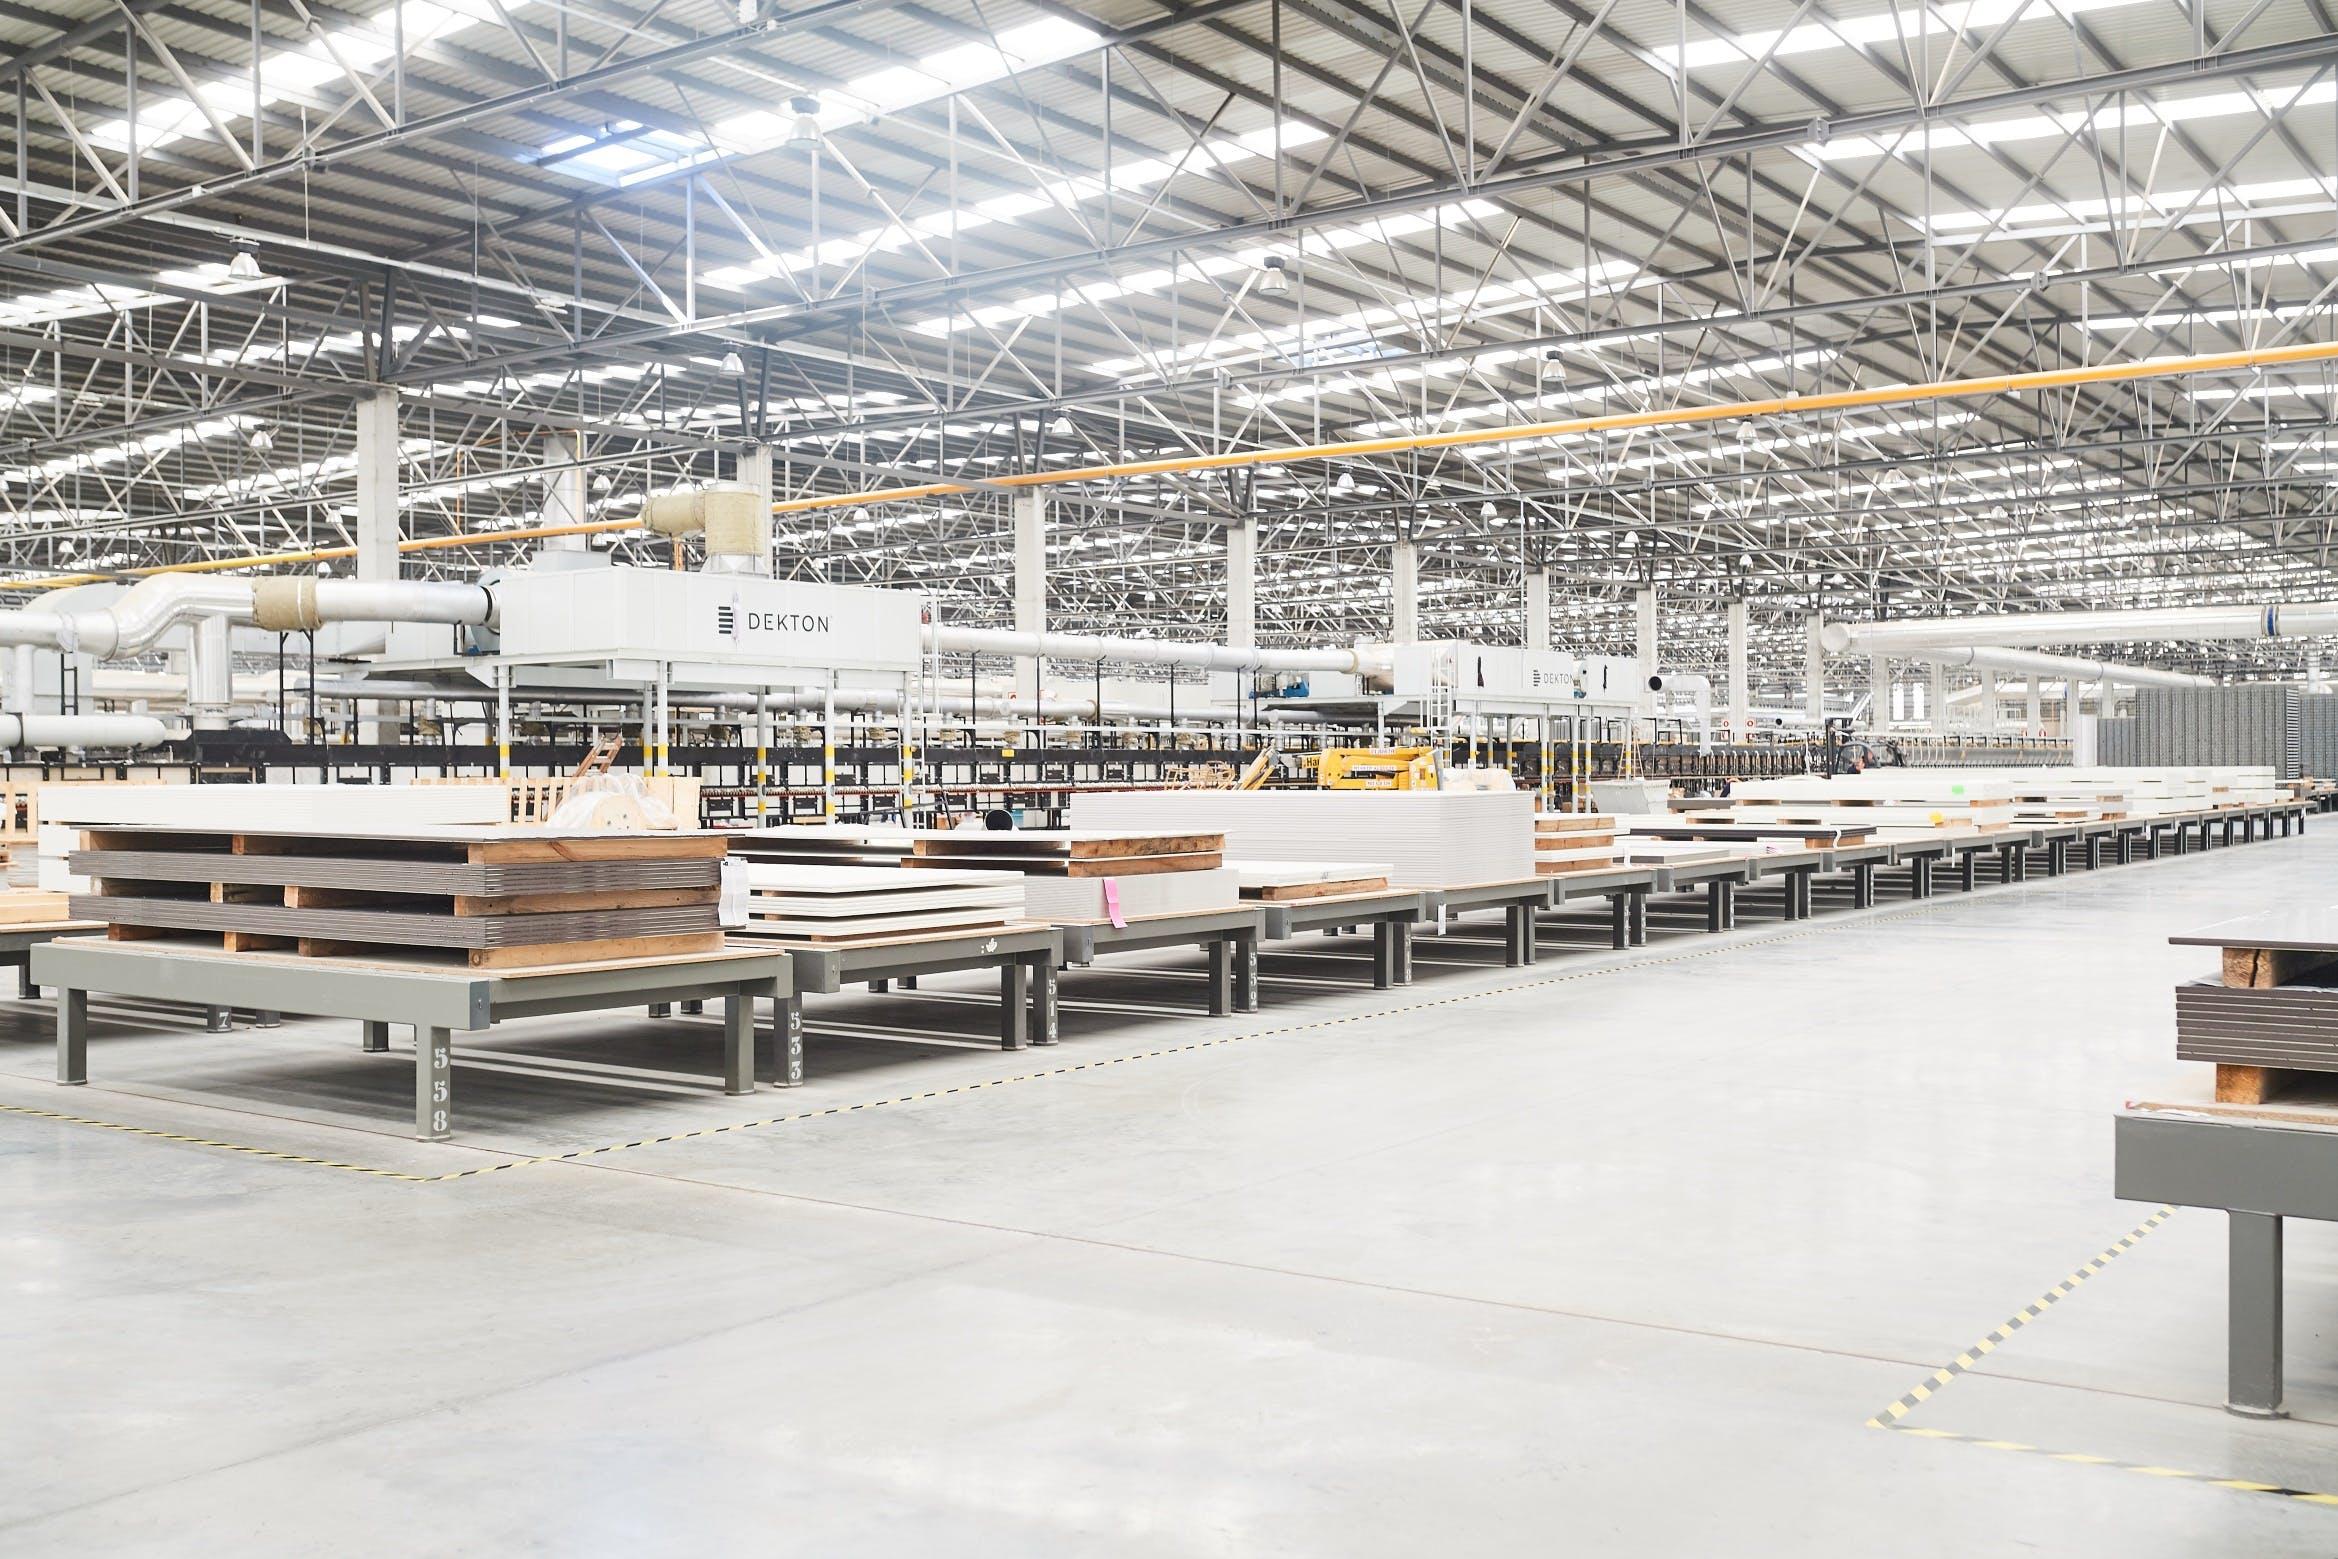 Image of interior fabrica dekton 2017 1 in Cosentino places its faith in innovation to contribute to the 2030 Agenda - Cosentino